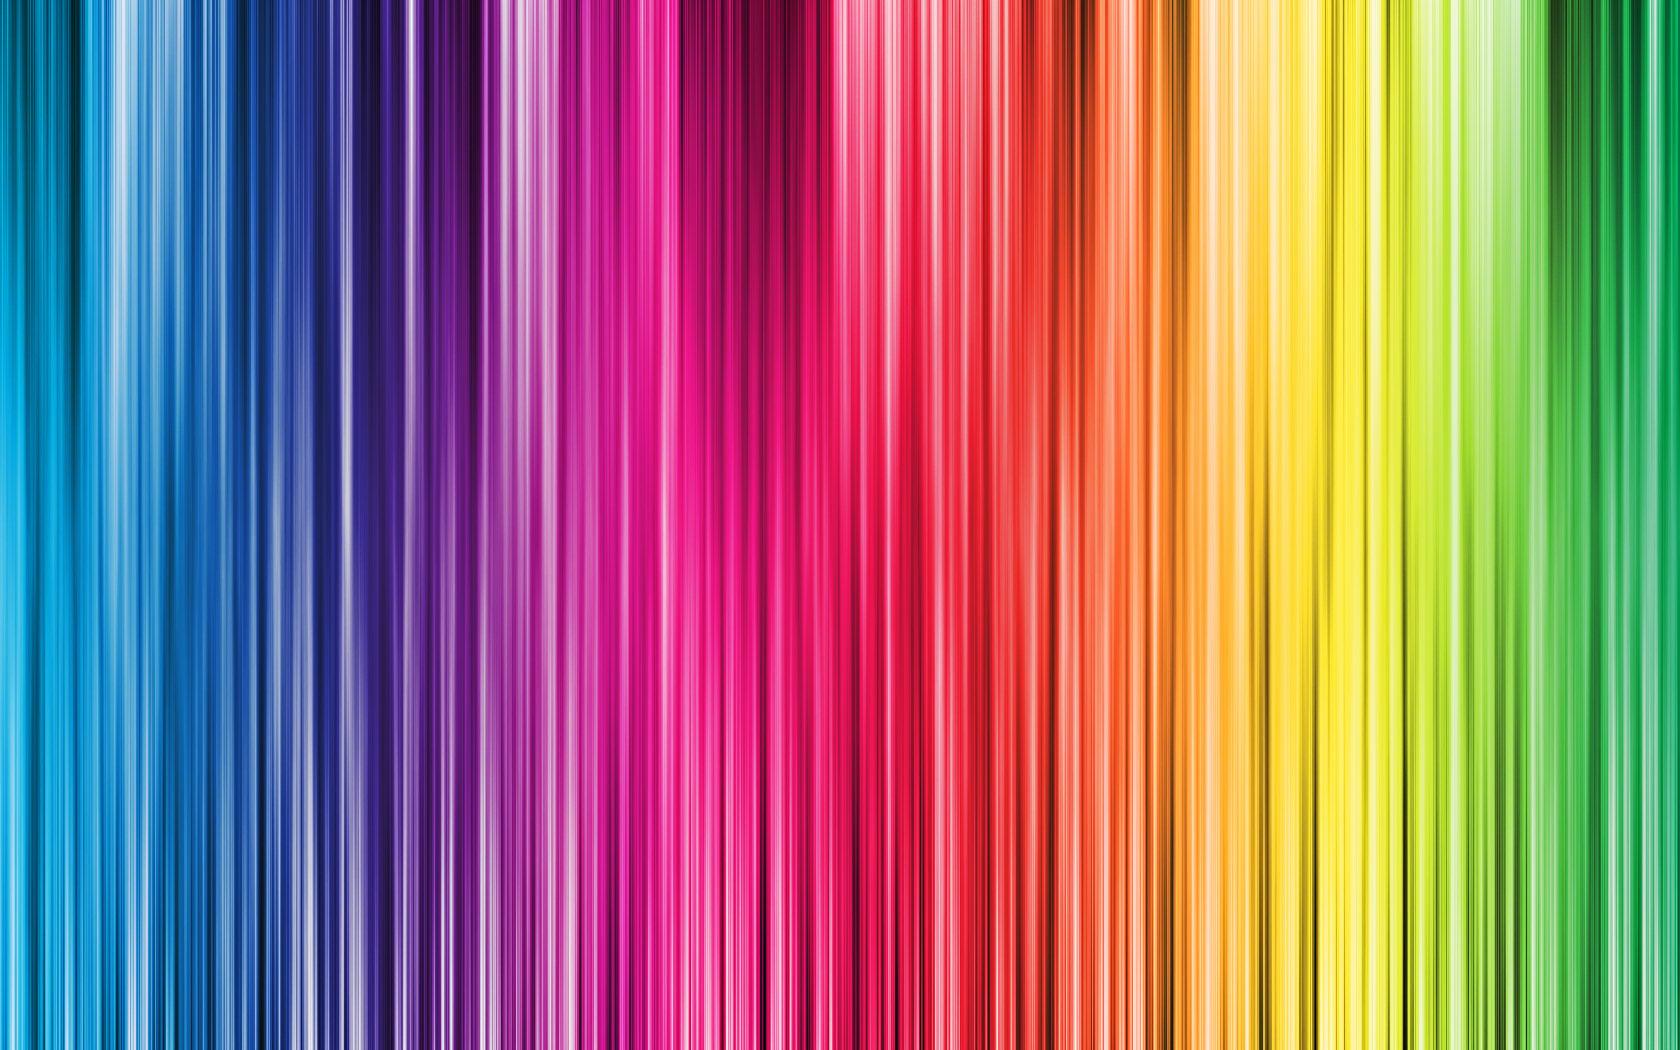 Multi Color Background - WallpaperSafari